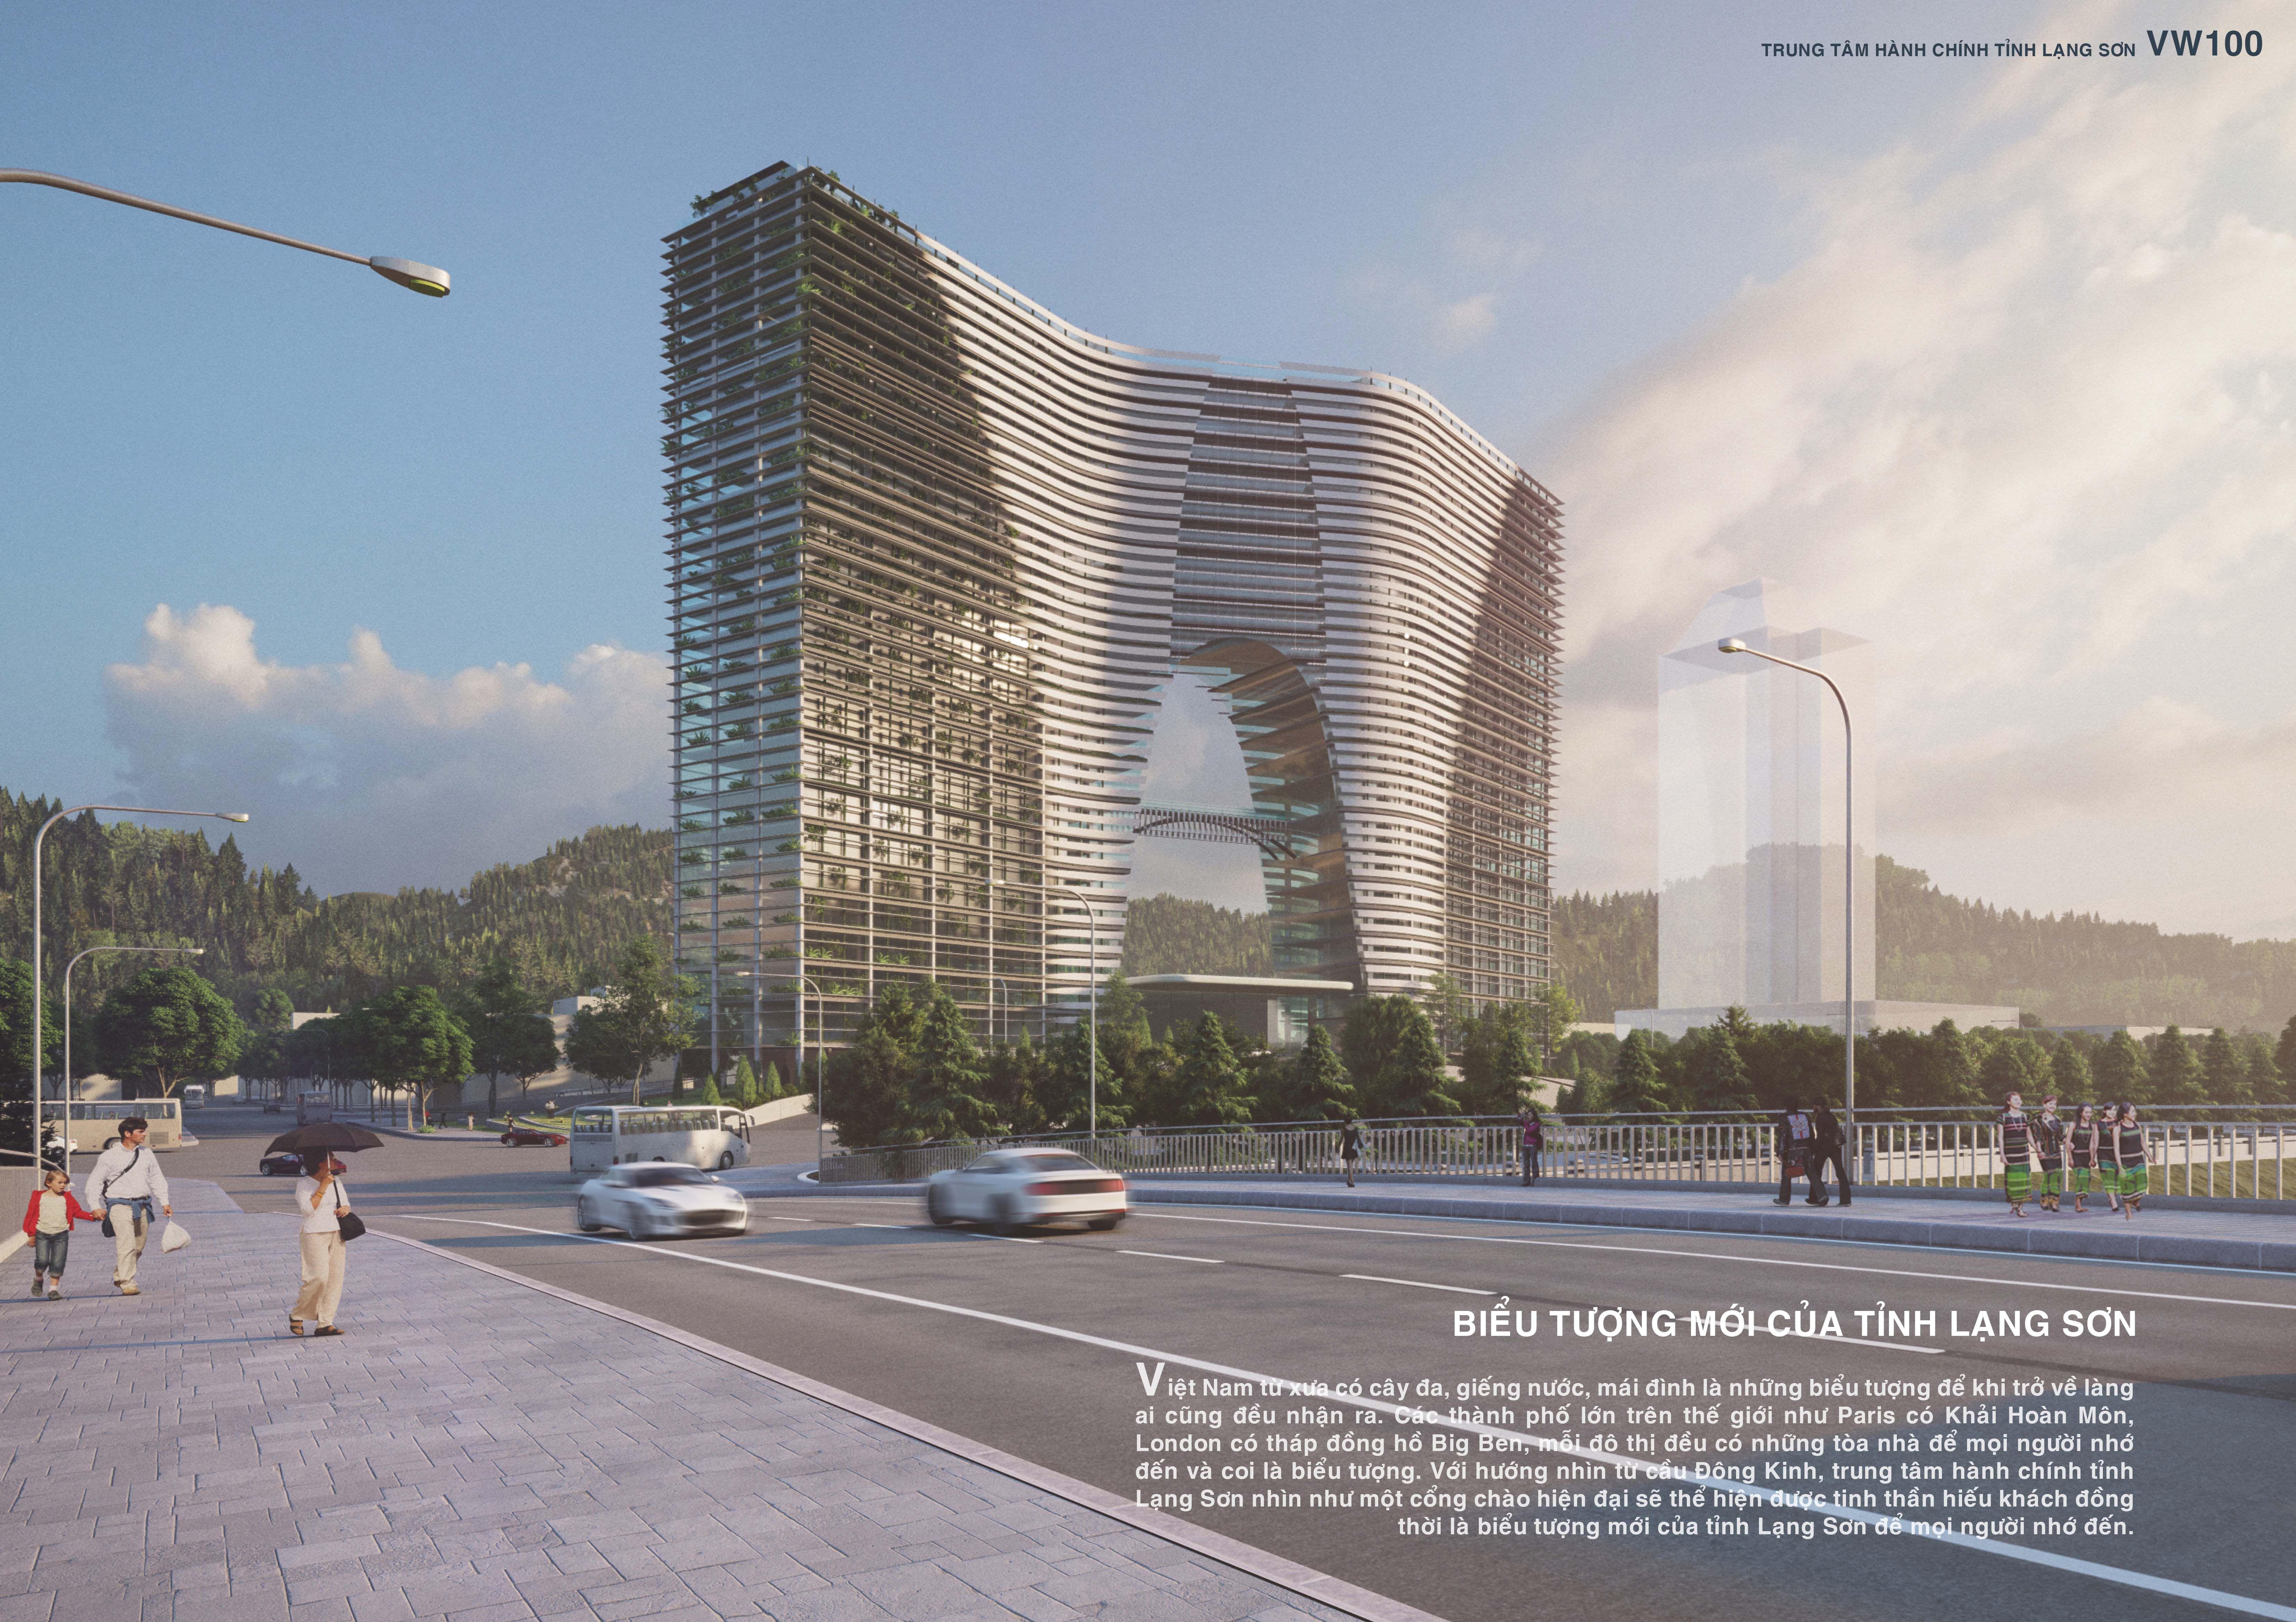 Công trình Tòa nhà Trung tâm hành chính tỉnh Lạng Sơn